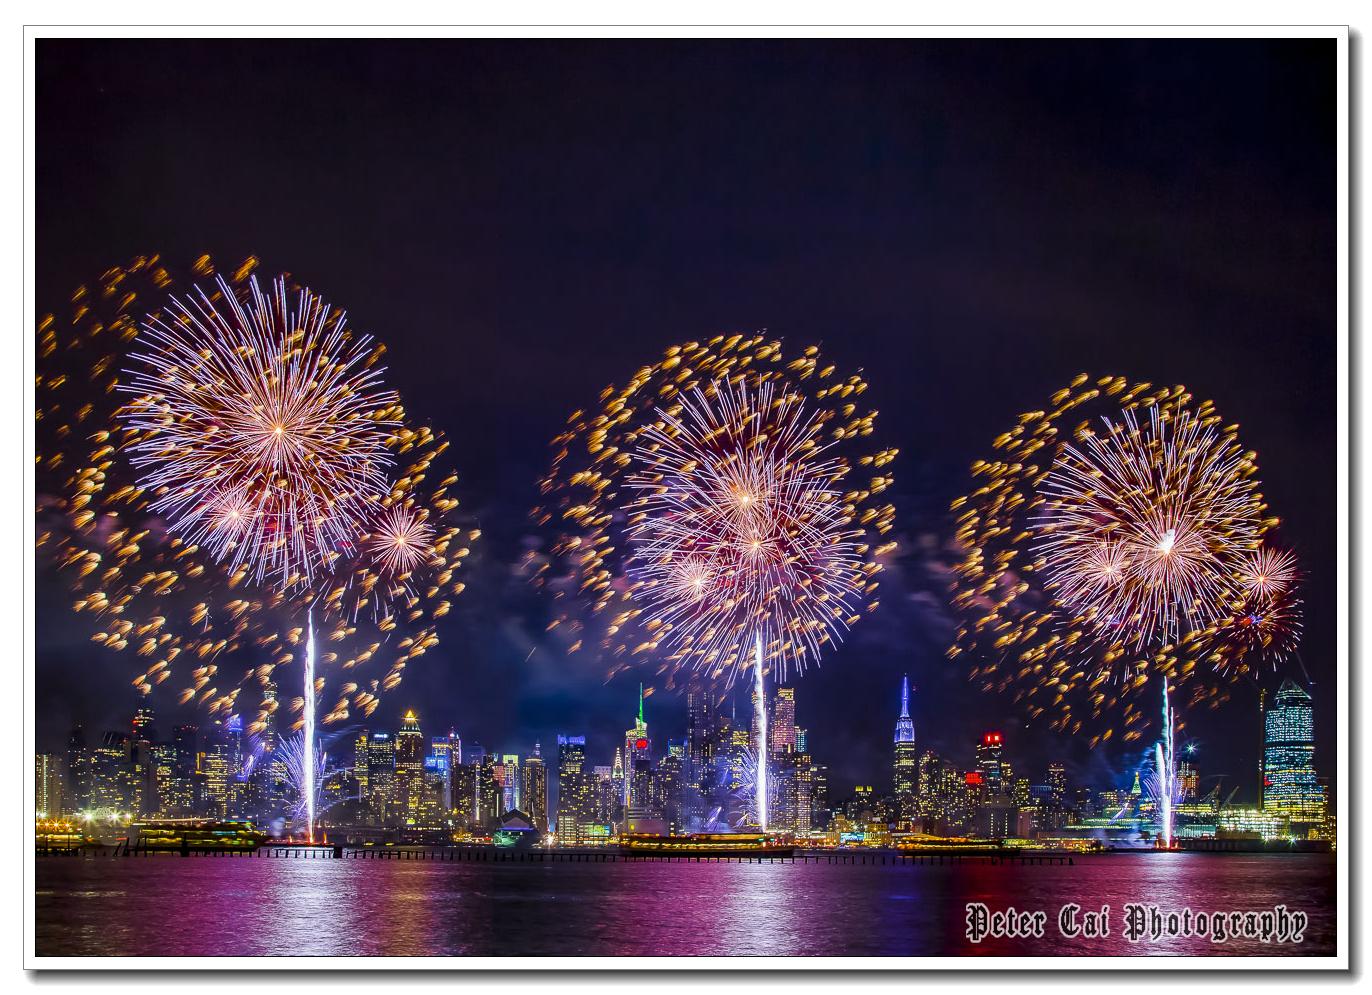 昨晚纽约施放焰火来庆祝中国猴年_图1-10